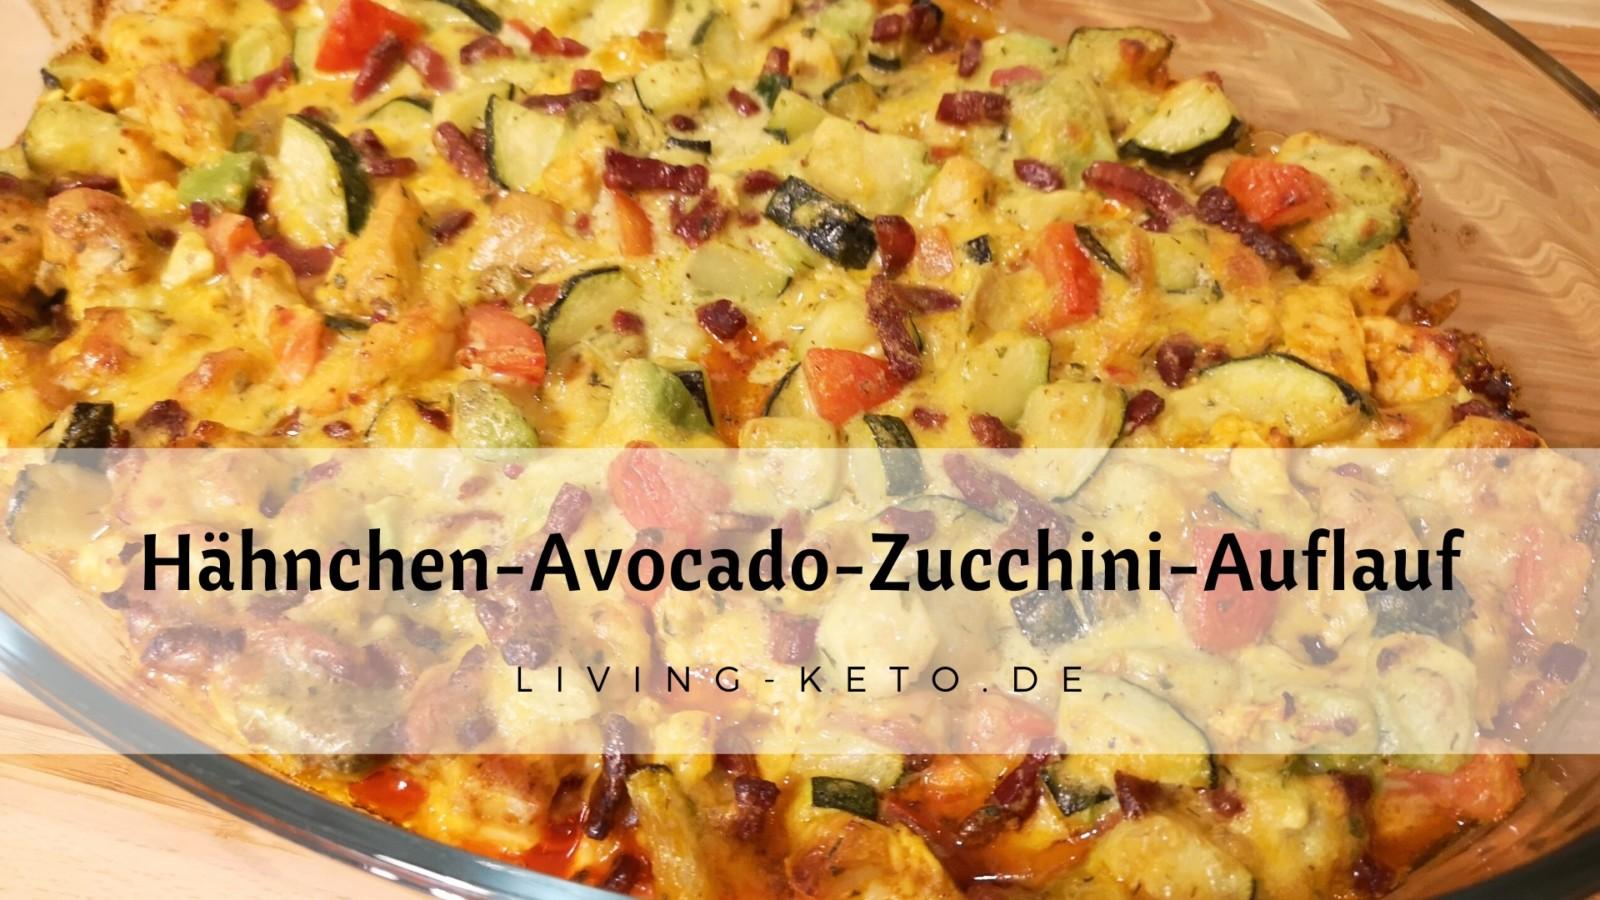 Ketogener Hähnchen-Avocado-Zucchini-Auflauf